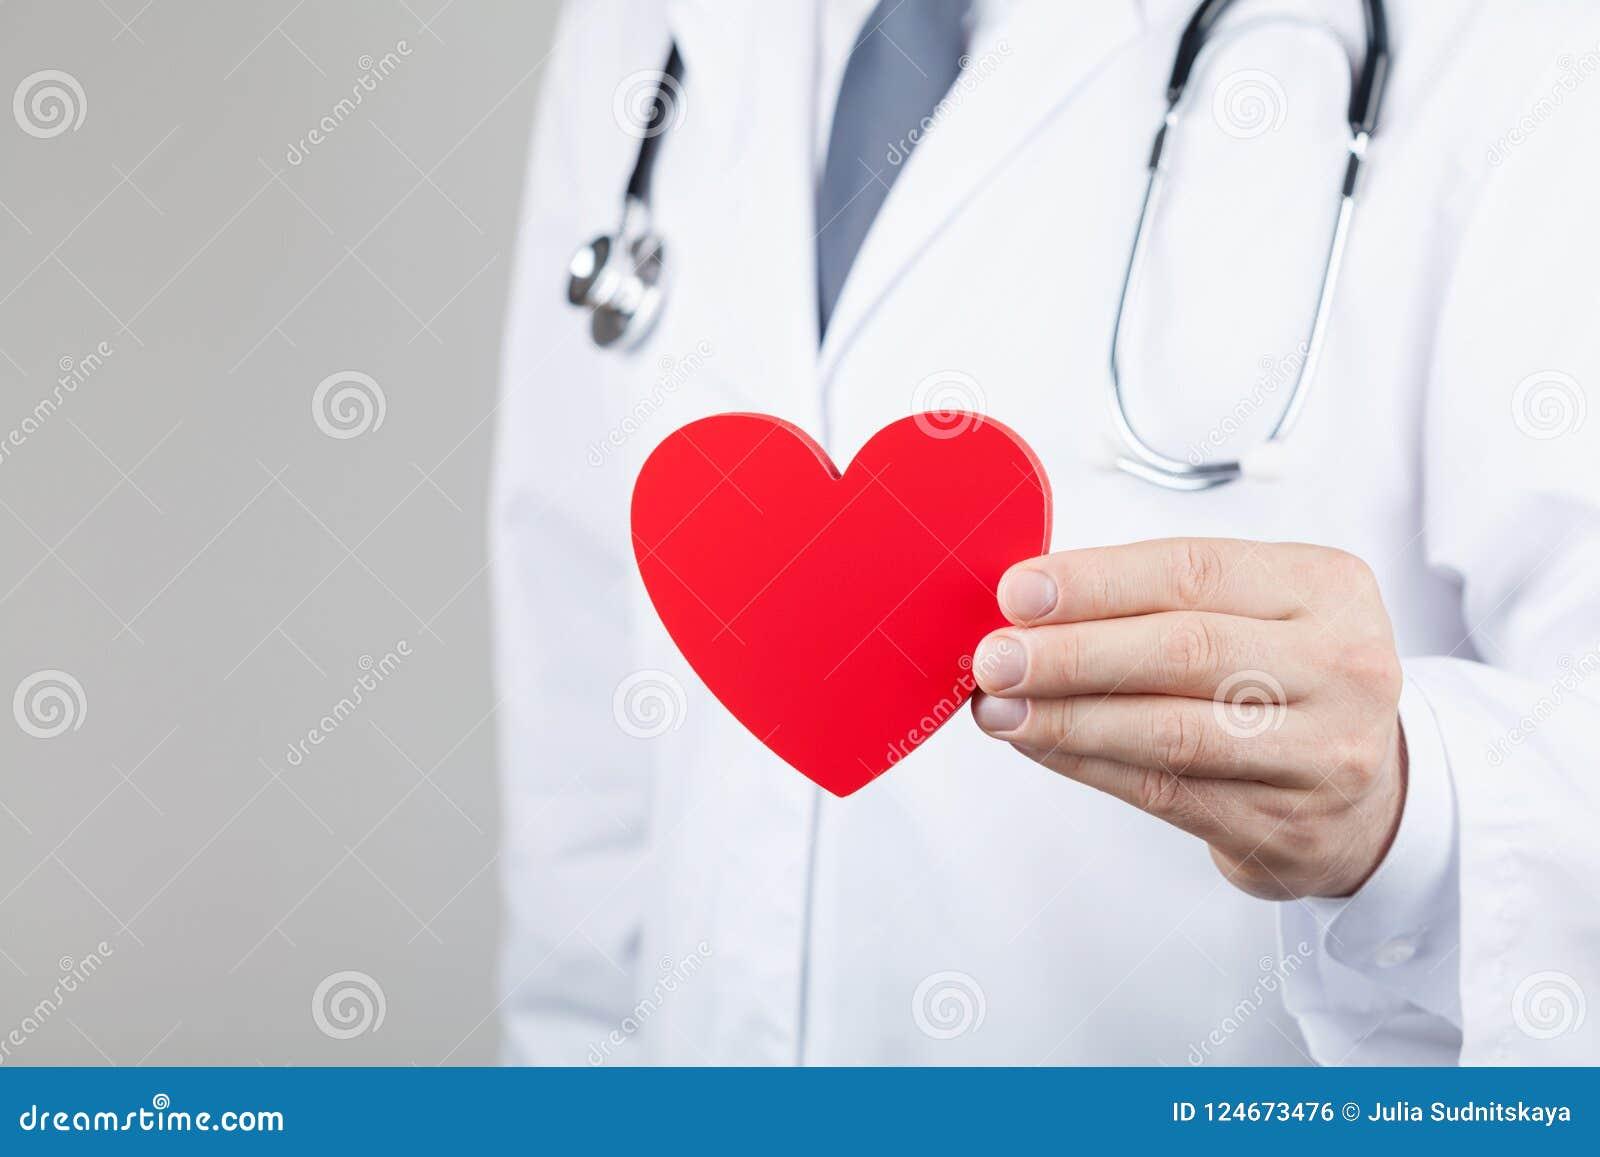 Behandeln Sie den Kardiologen, der ein Herz in seinen Händen hält Kardiologie- und Herzkrankheitskonzept